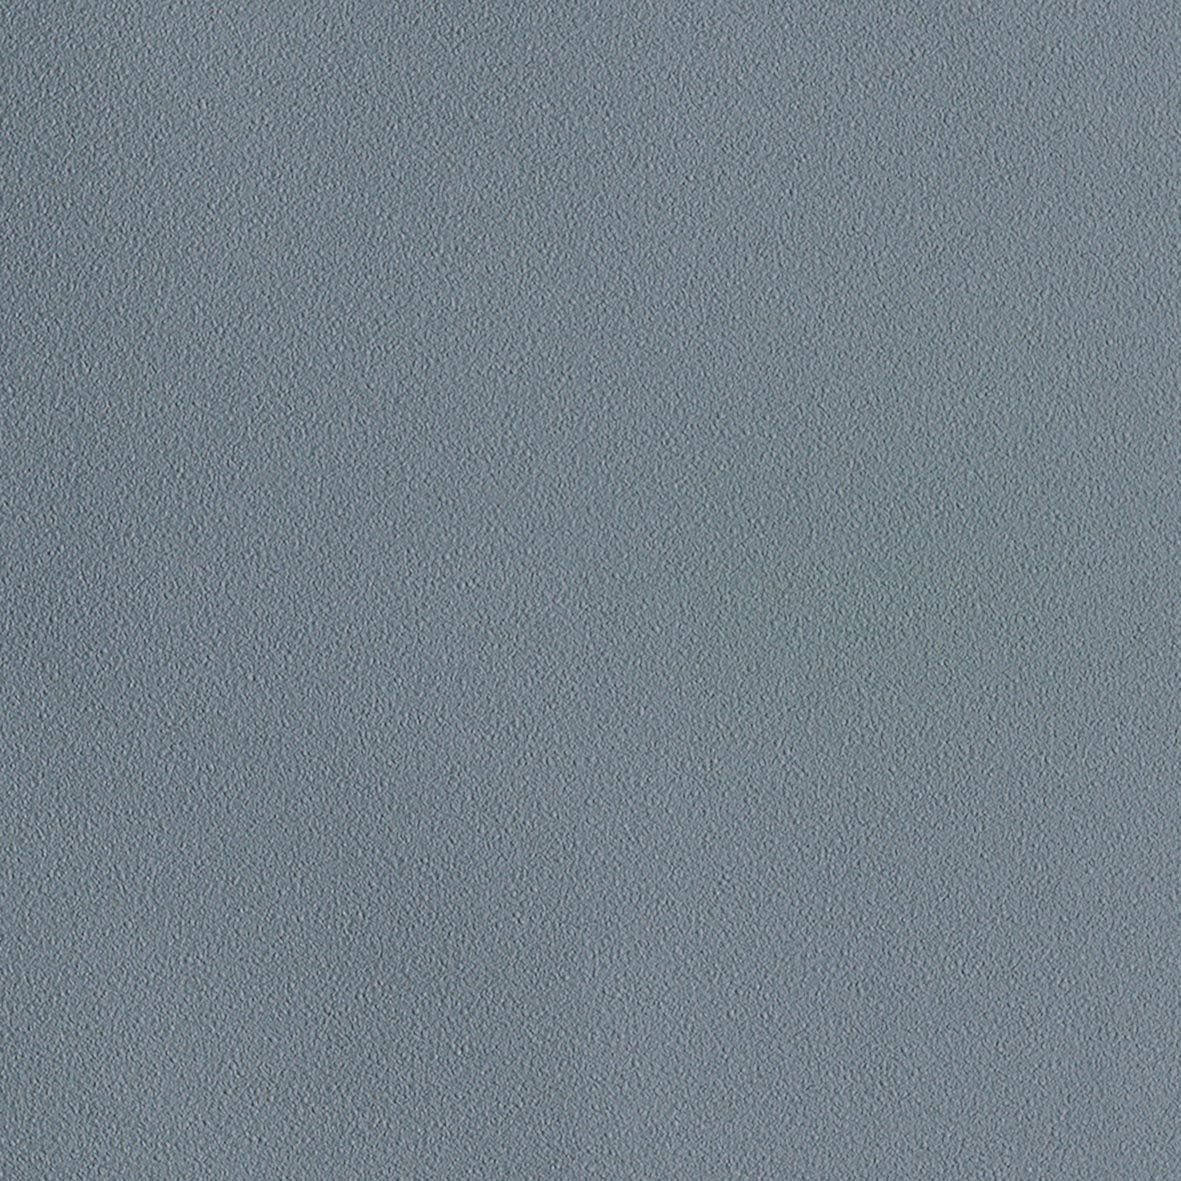 リリカラ 壁紙24m シンフル 石目調 グレー スーパー強化+汚れ防止 LW-2320 B076133HFN 24m|グレー2